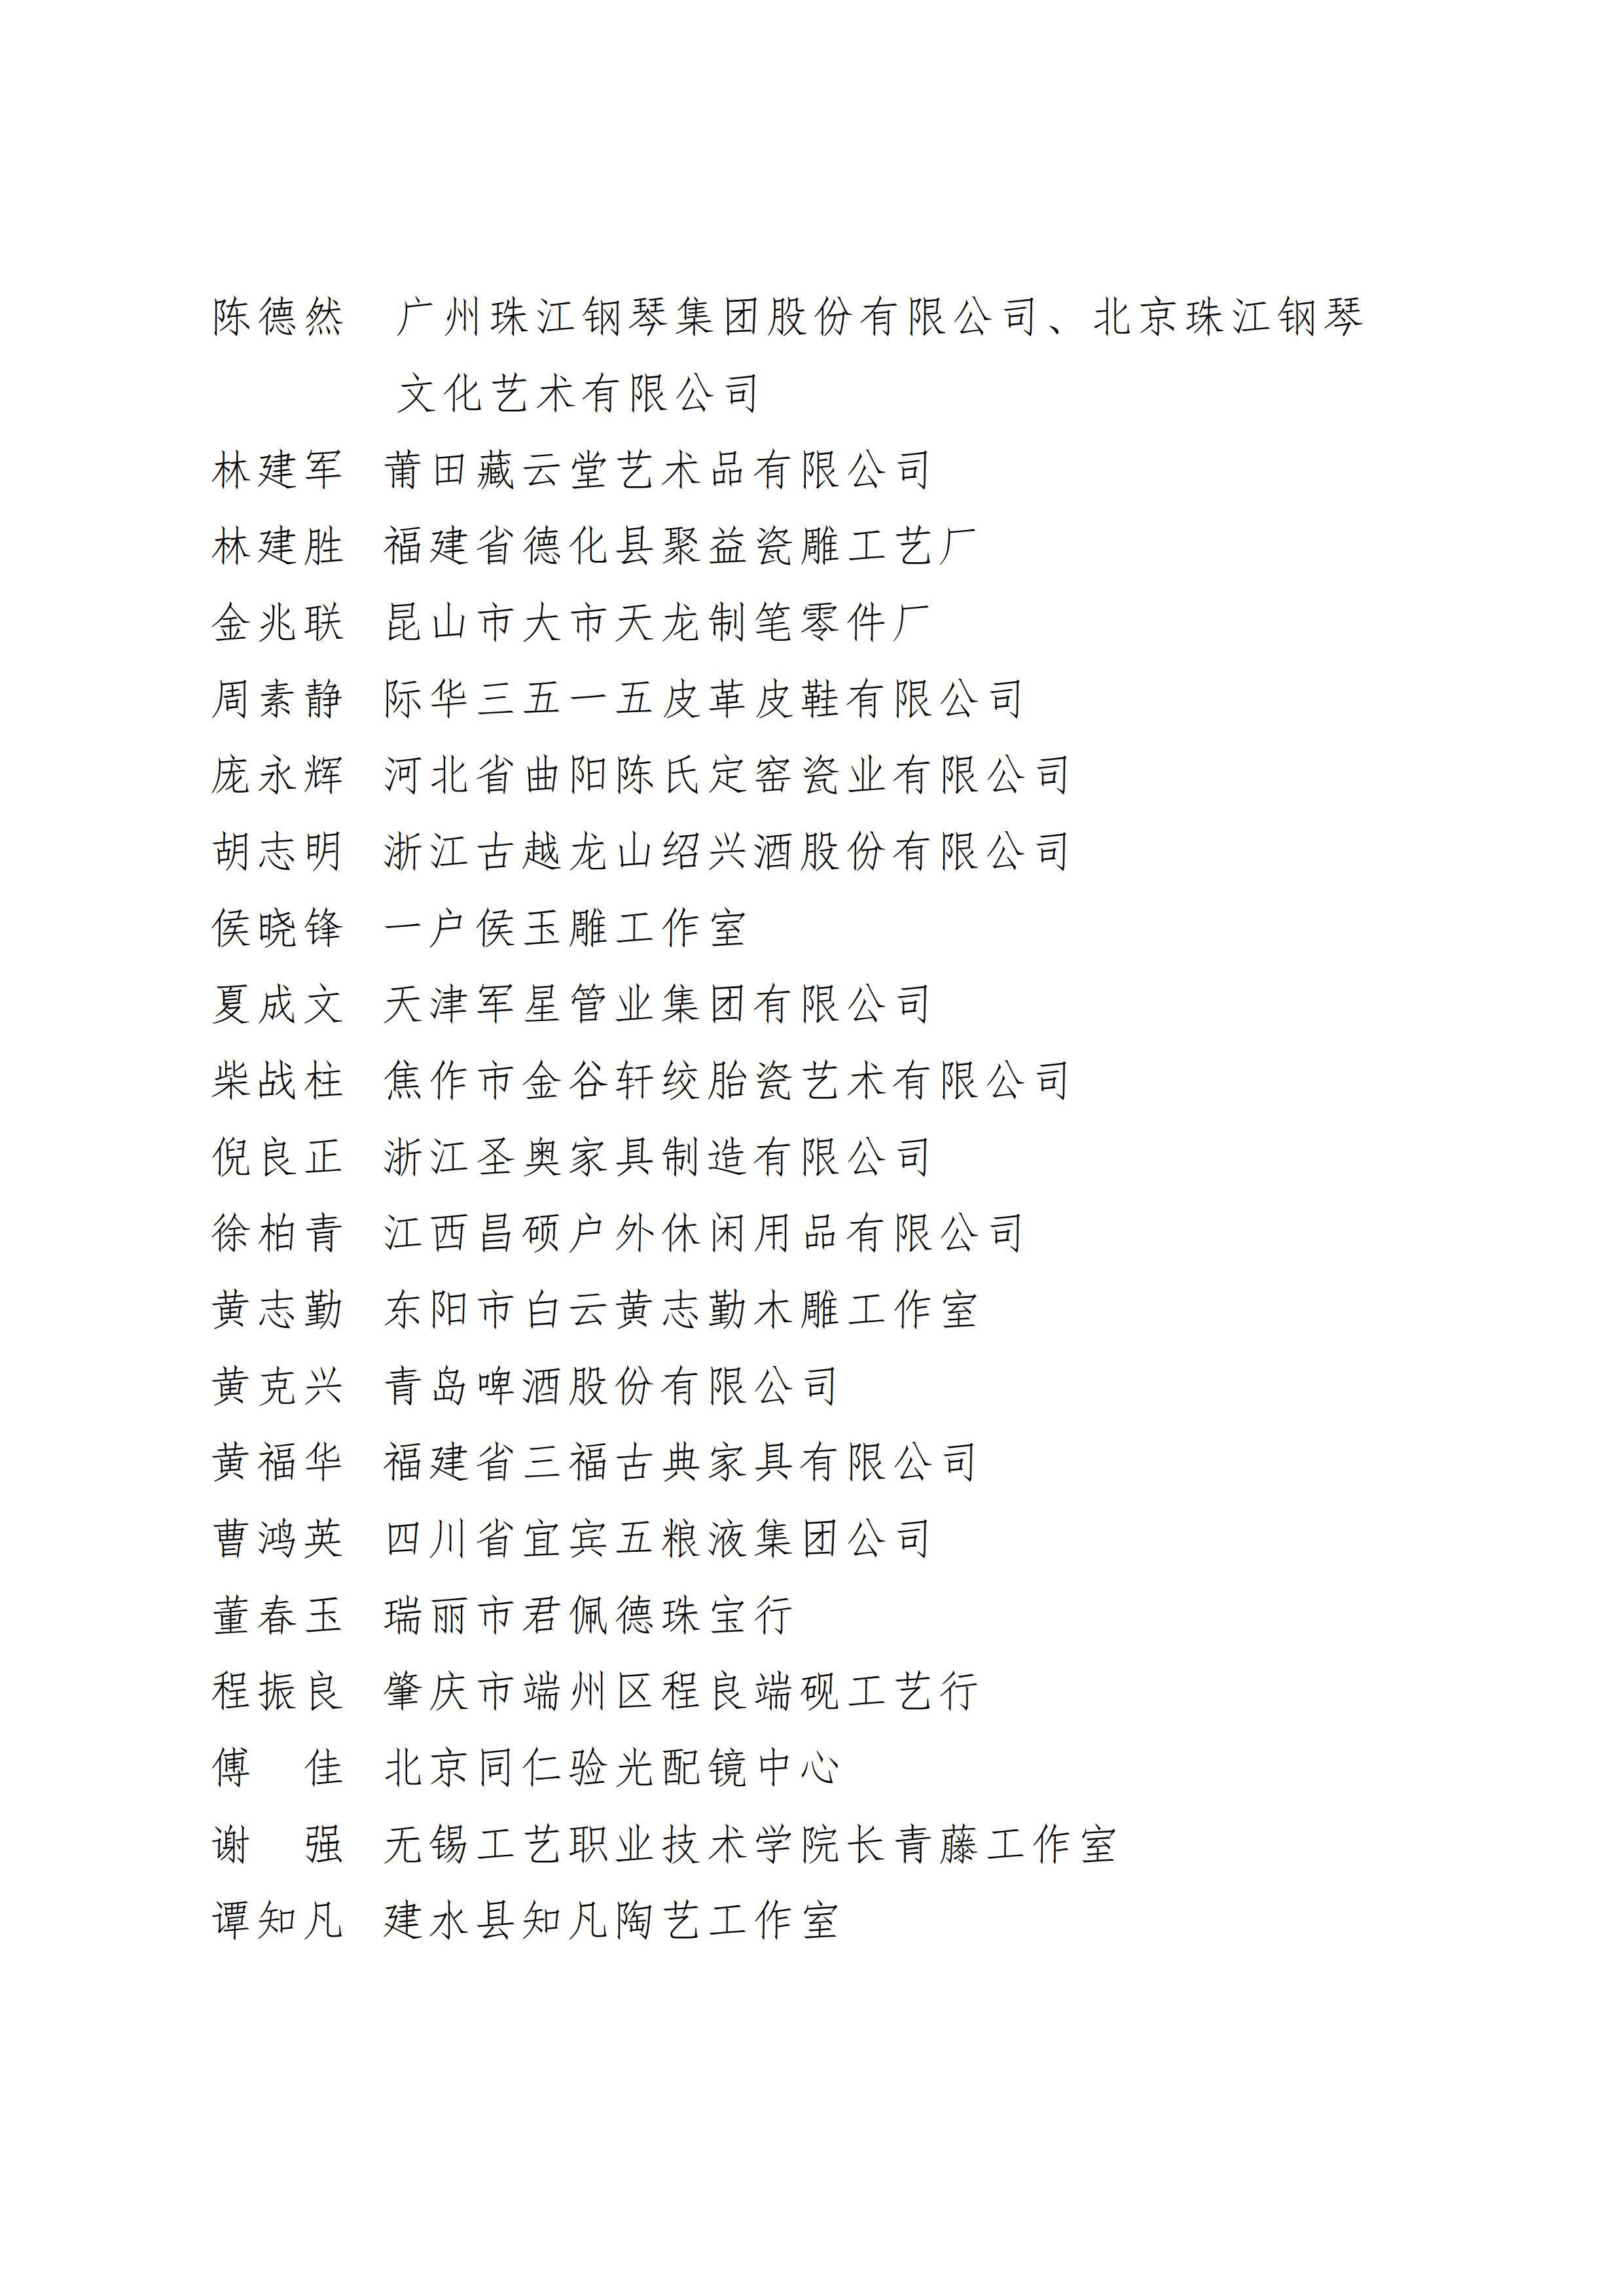 """第二届轻工""""大国工匠""""名单公示(带文头)(仿宋)_4.jpg"""